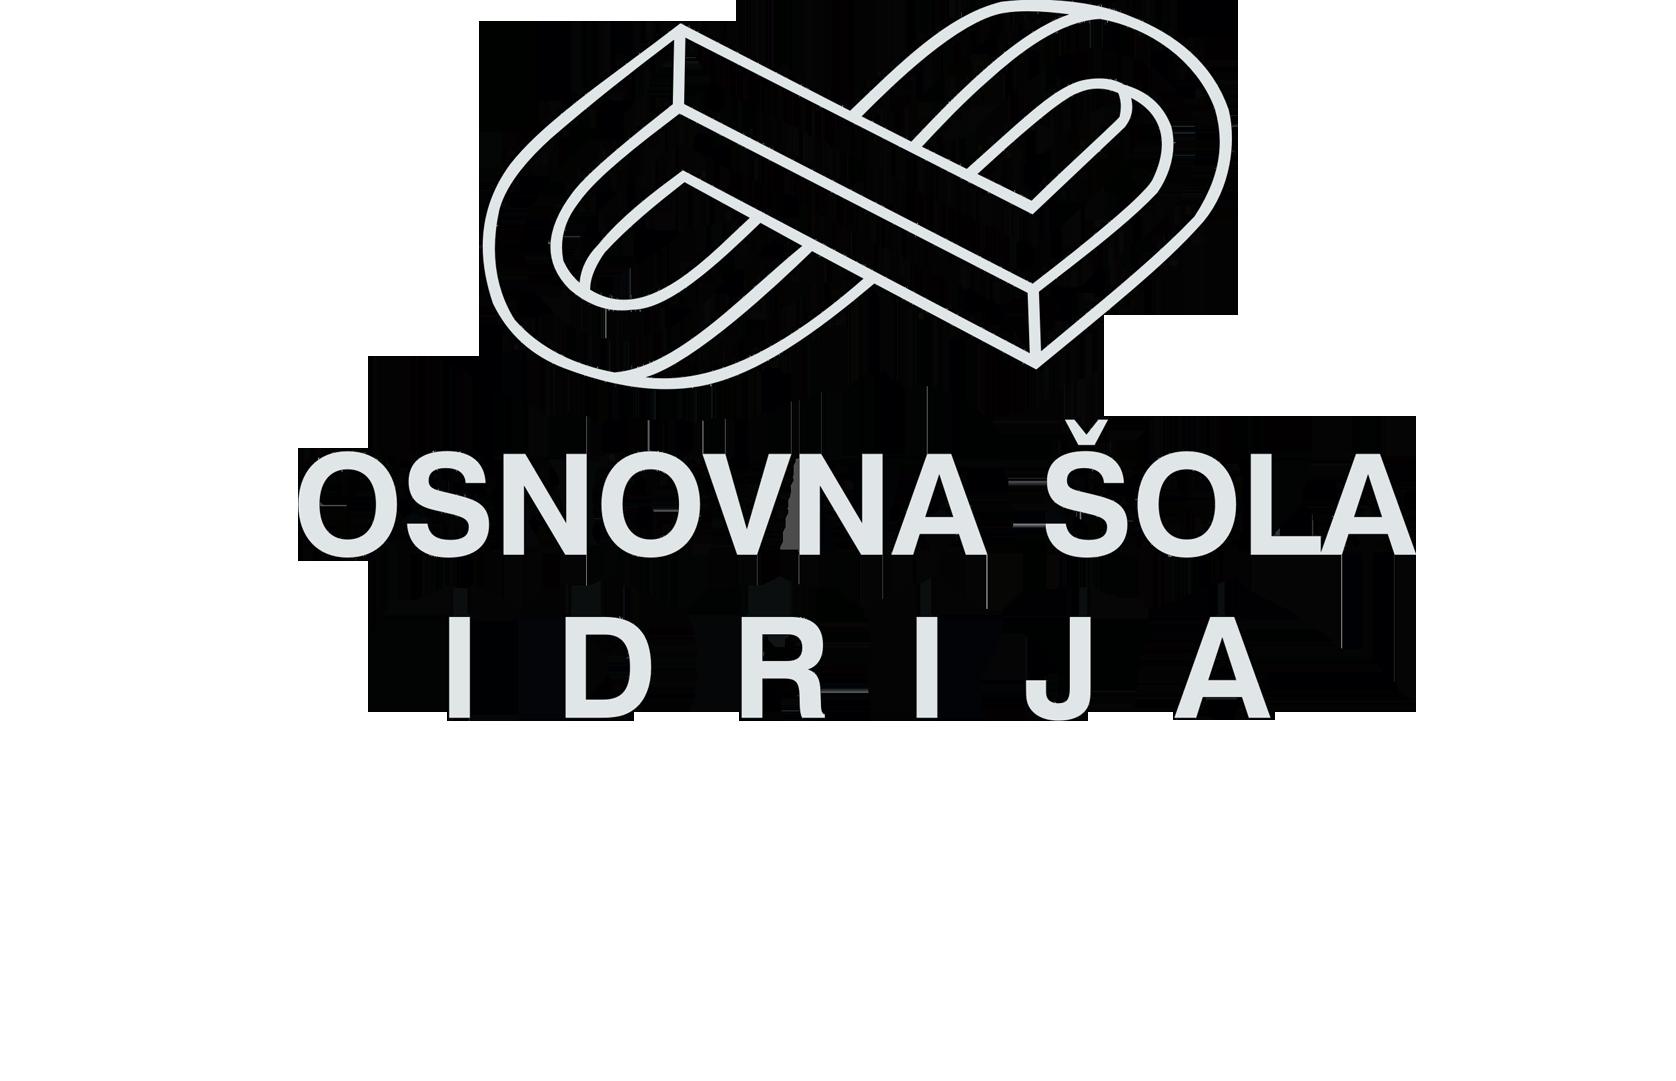 Osnovna šola Idrija